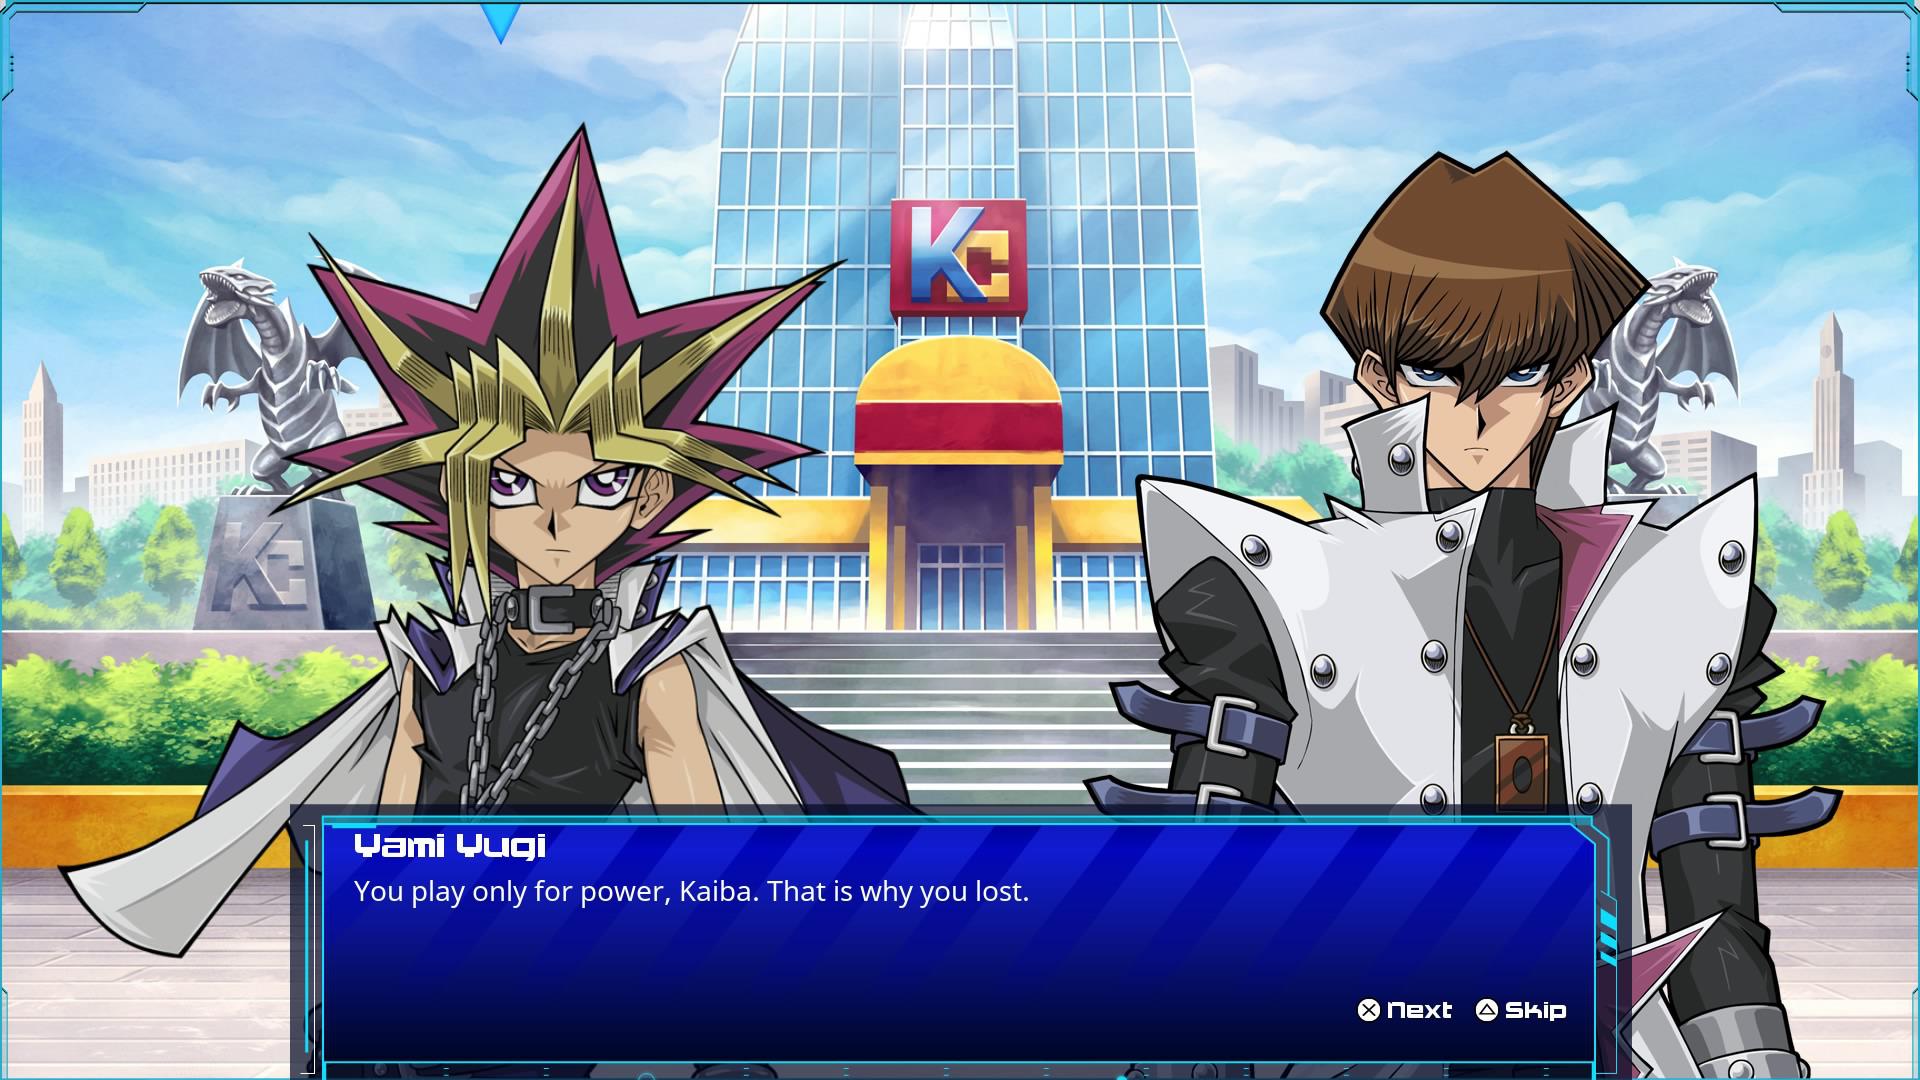 Yugi gg Kaiba eine der spannendsten Rivalitäten die es in der Serie gibt